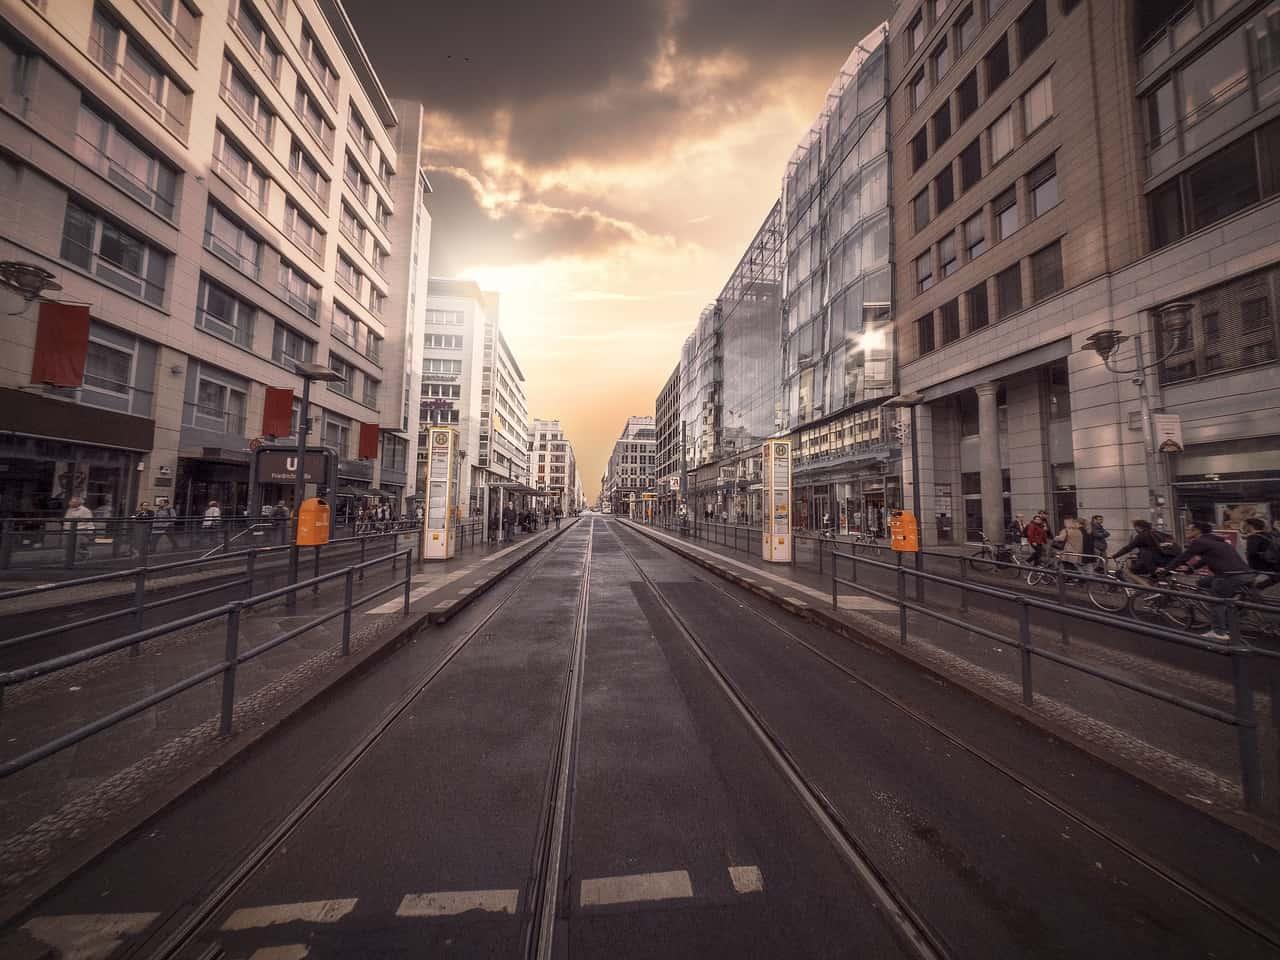 Straße mit Wohnhäusern in Berlin